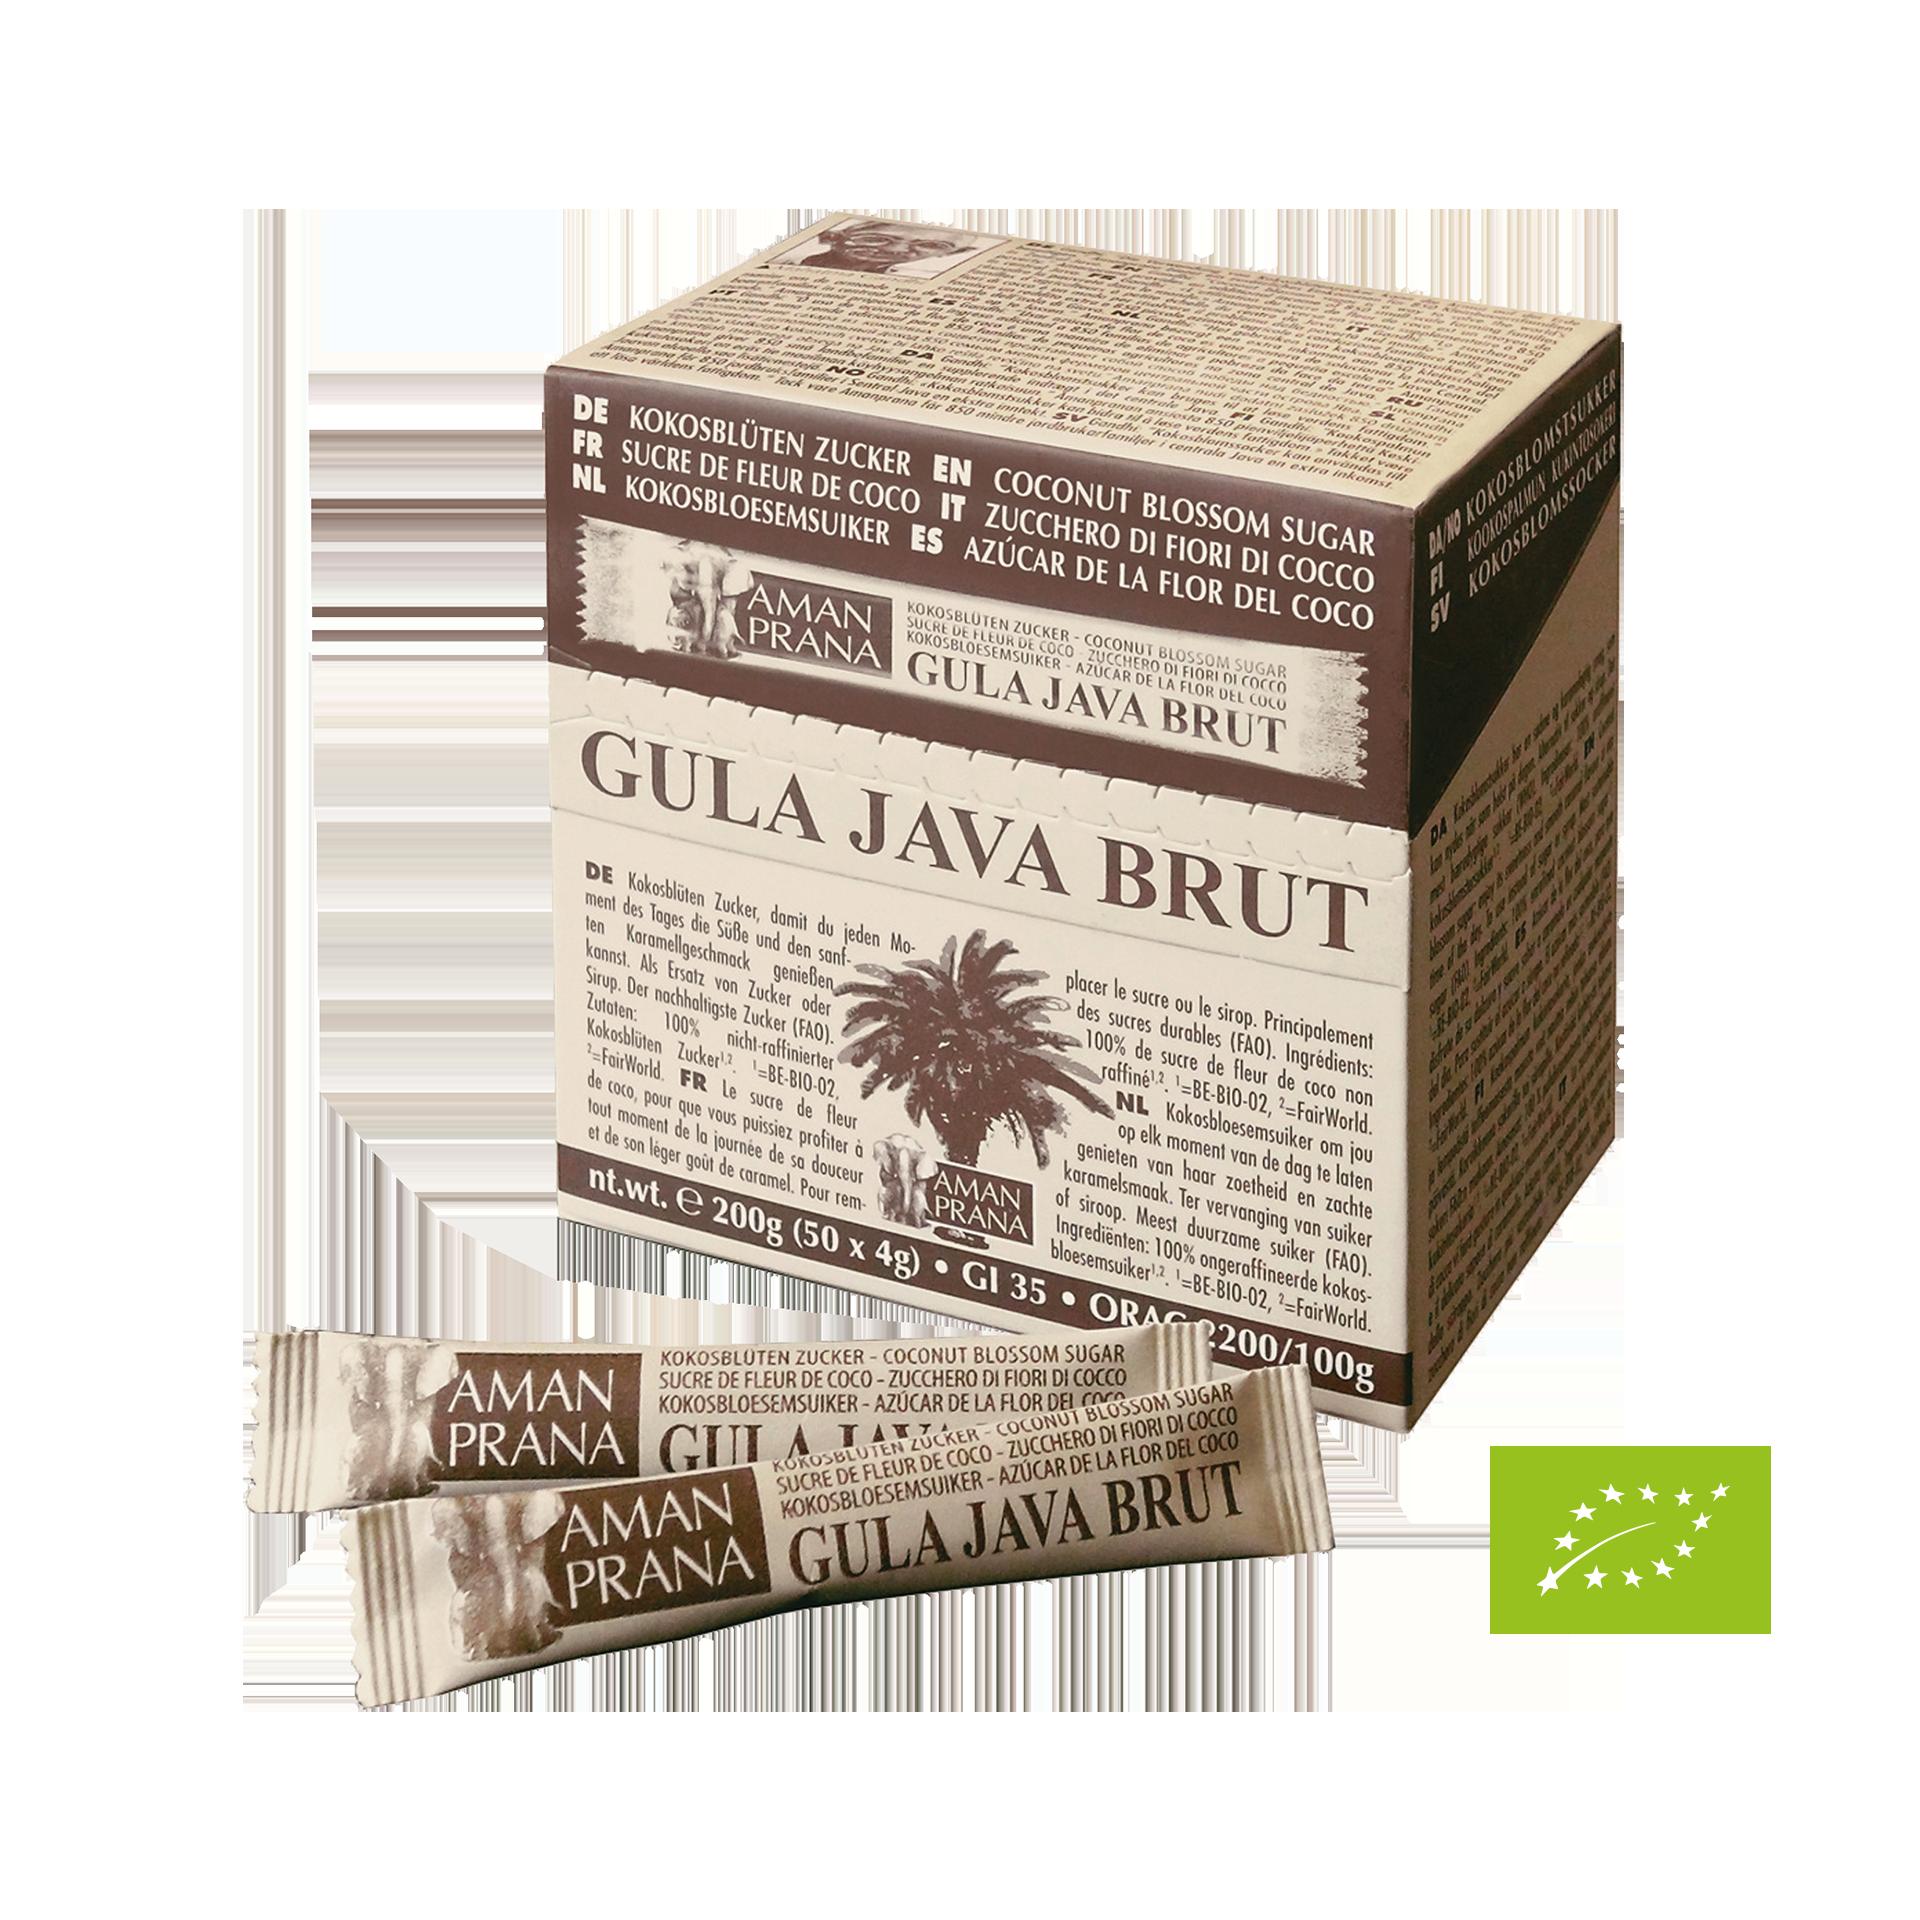 Gula Java Brut, BIO, 50 x 4 g Sticks